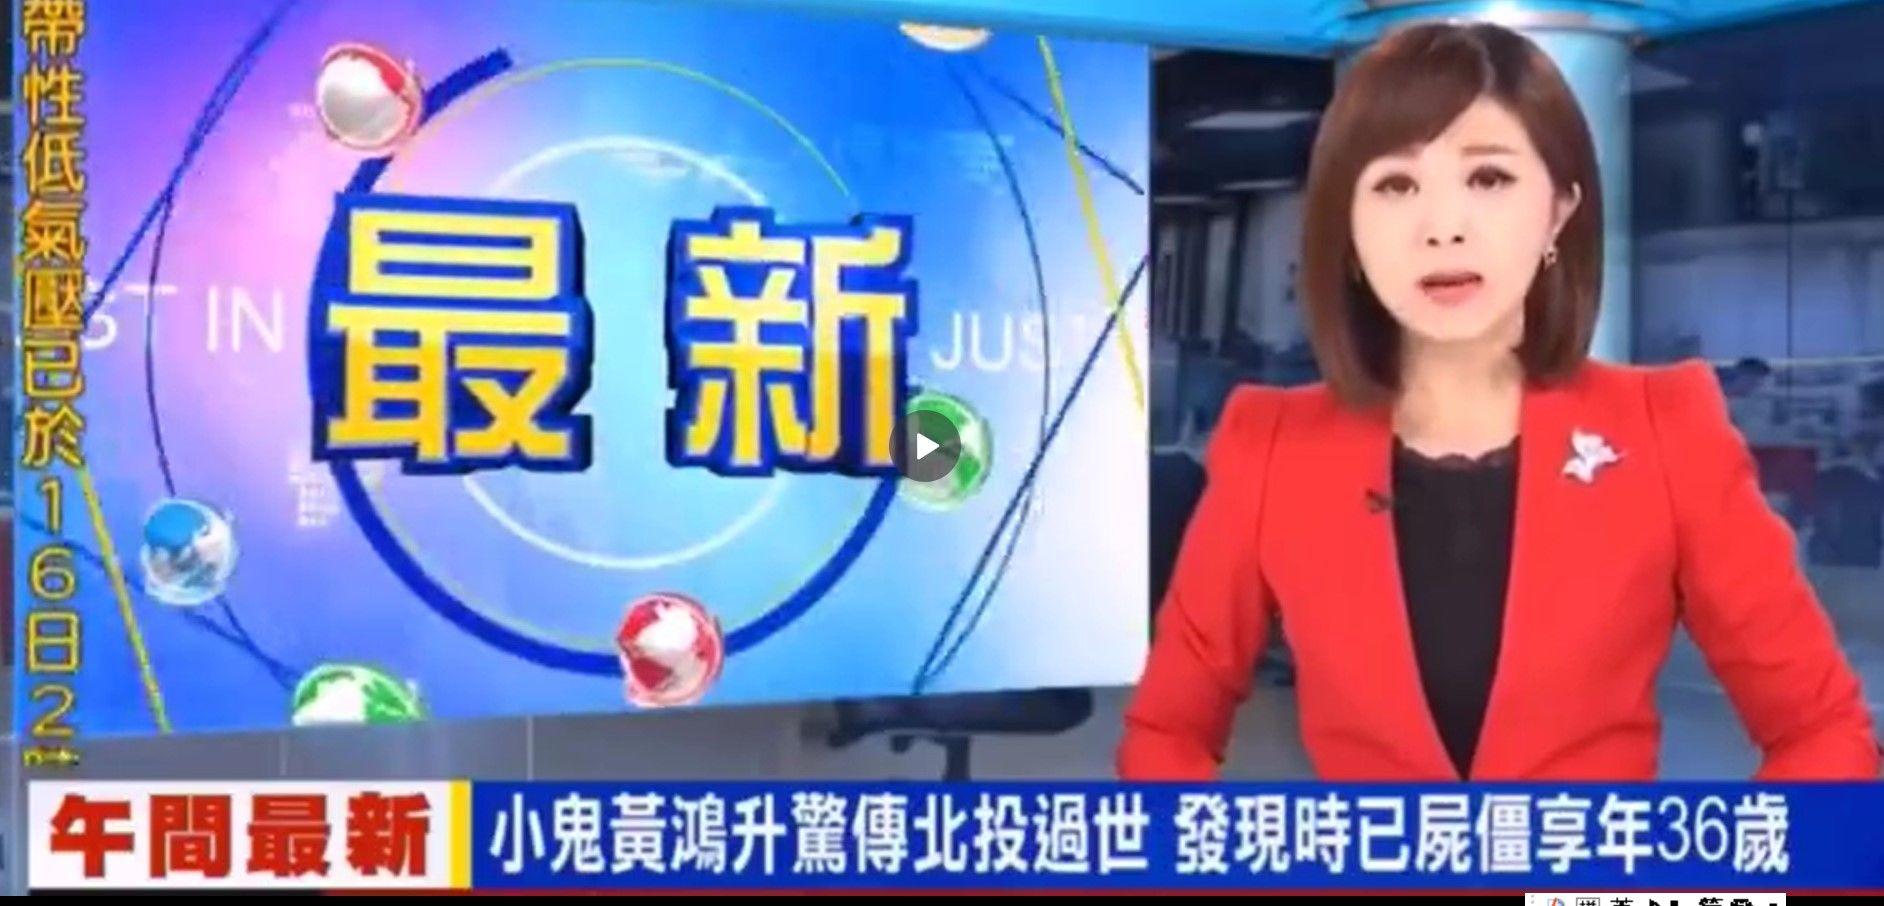 好友|36岁台湾艺人黄鸿升意外去世,好友李荣浩、炎亚纶发文悼念